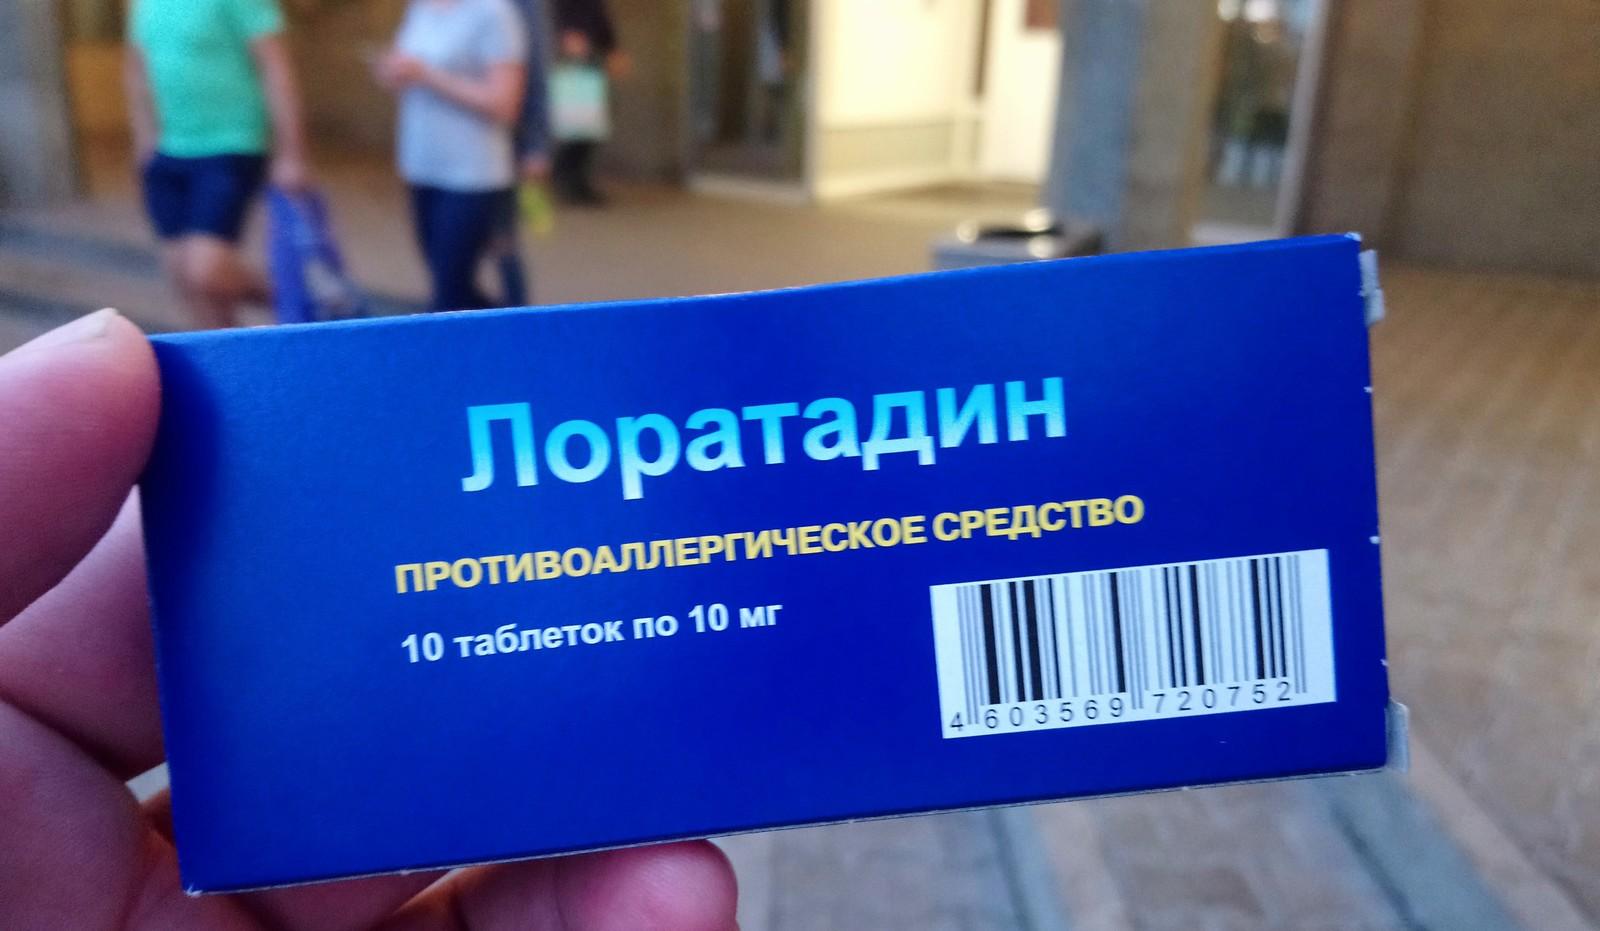 Абсурд и обман в аптеке ГорЗдрав, пойманы с поличным